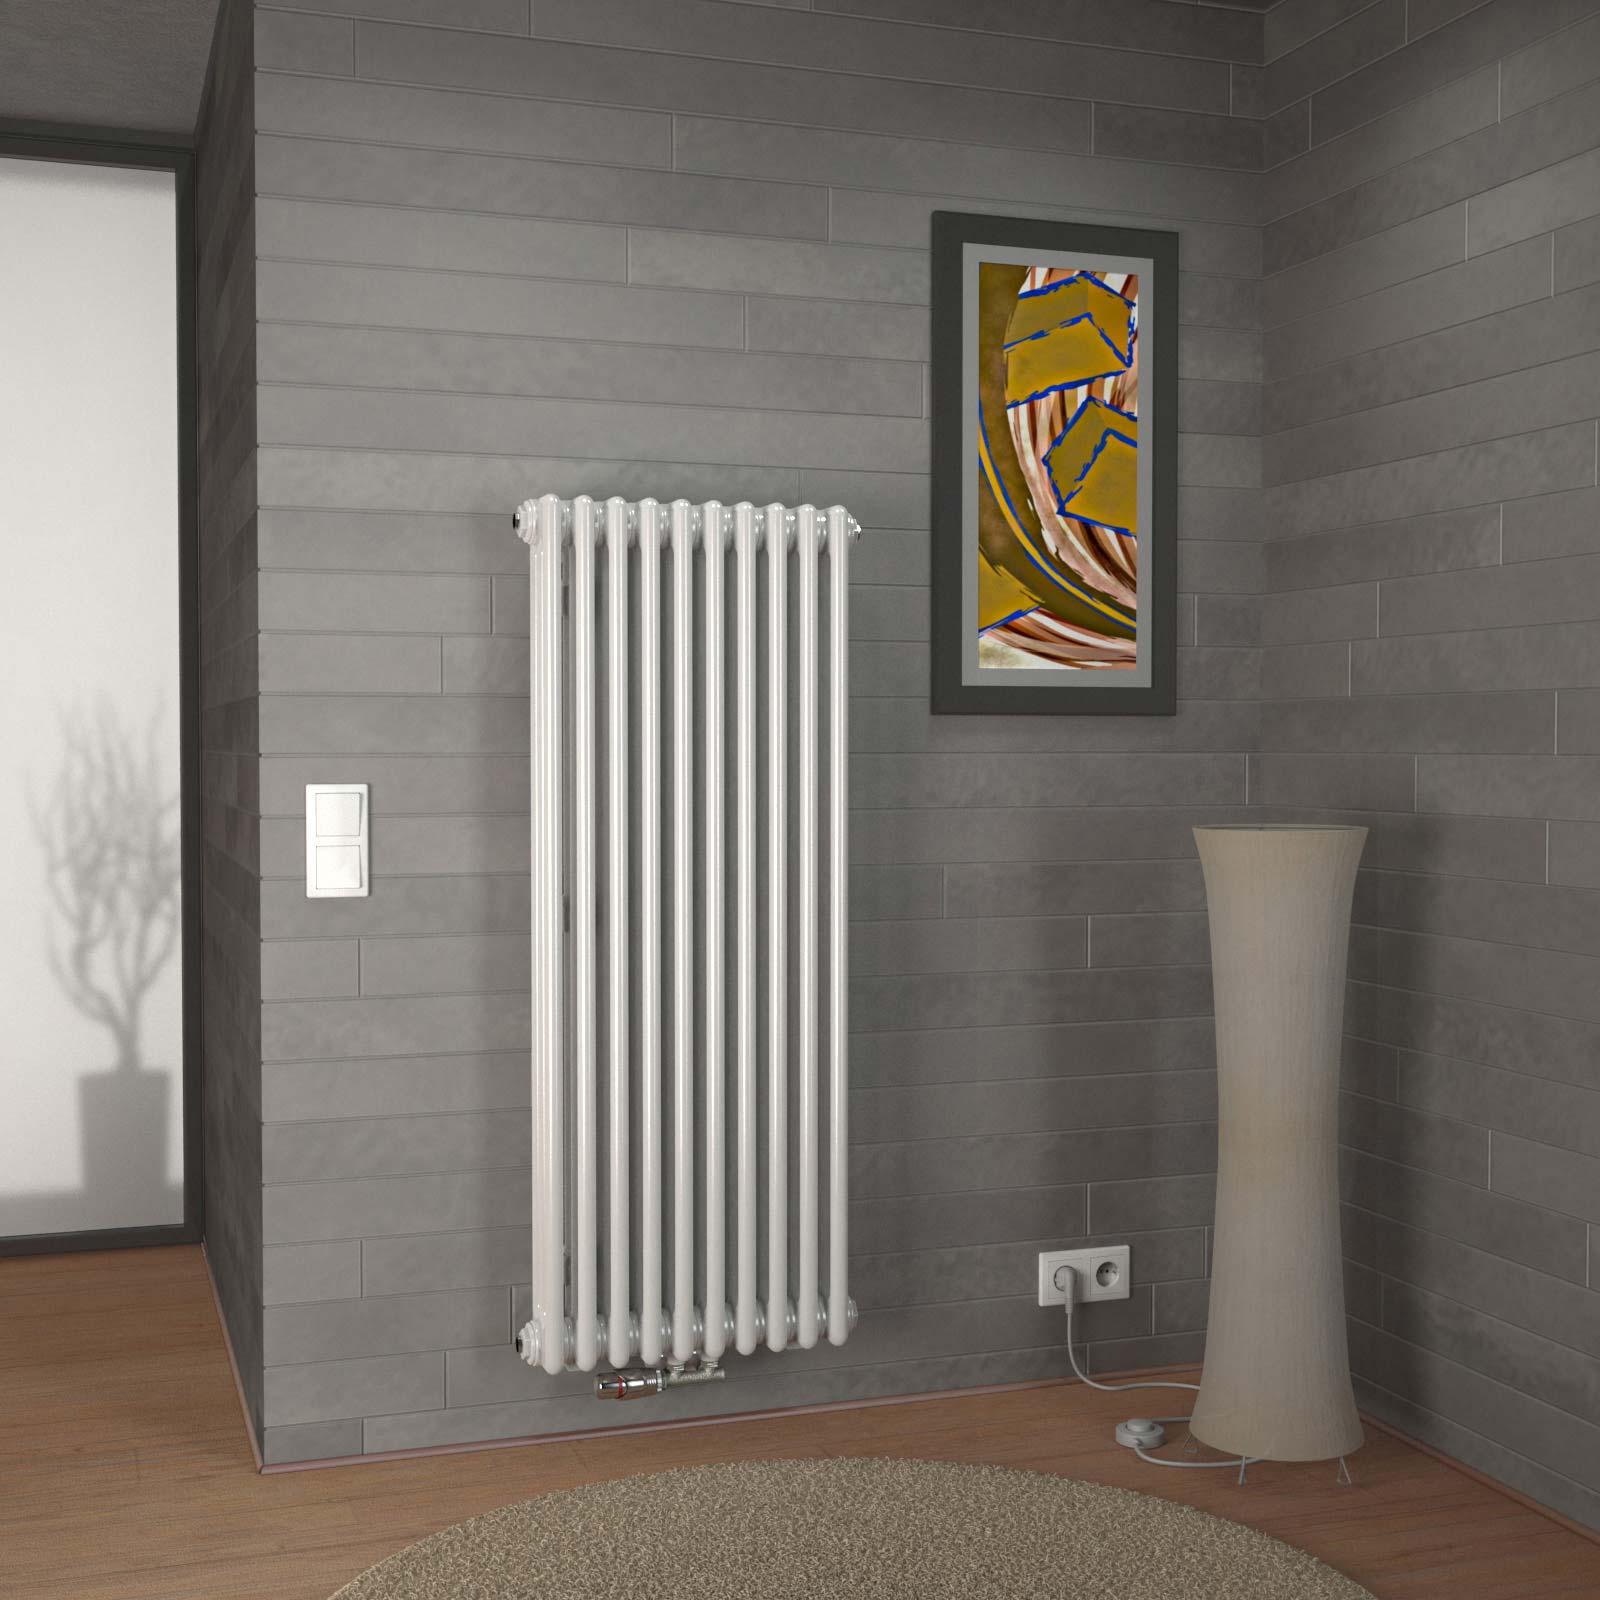 heizk rper designheizk rper bad heizk rper 1200 x 490 mm wei 3 s ulig ebay. Black Bedroom Furniture Sets. Home Design Ideas